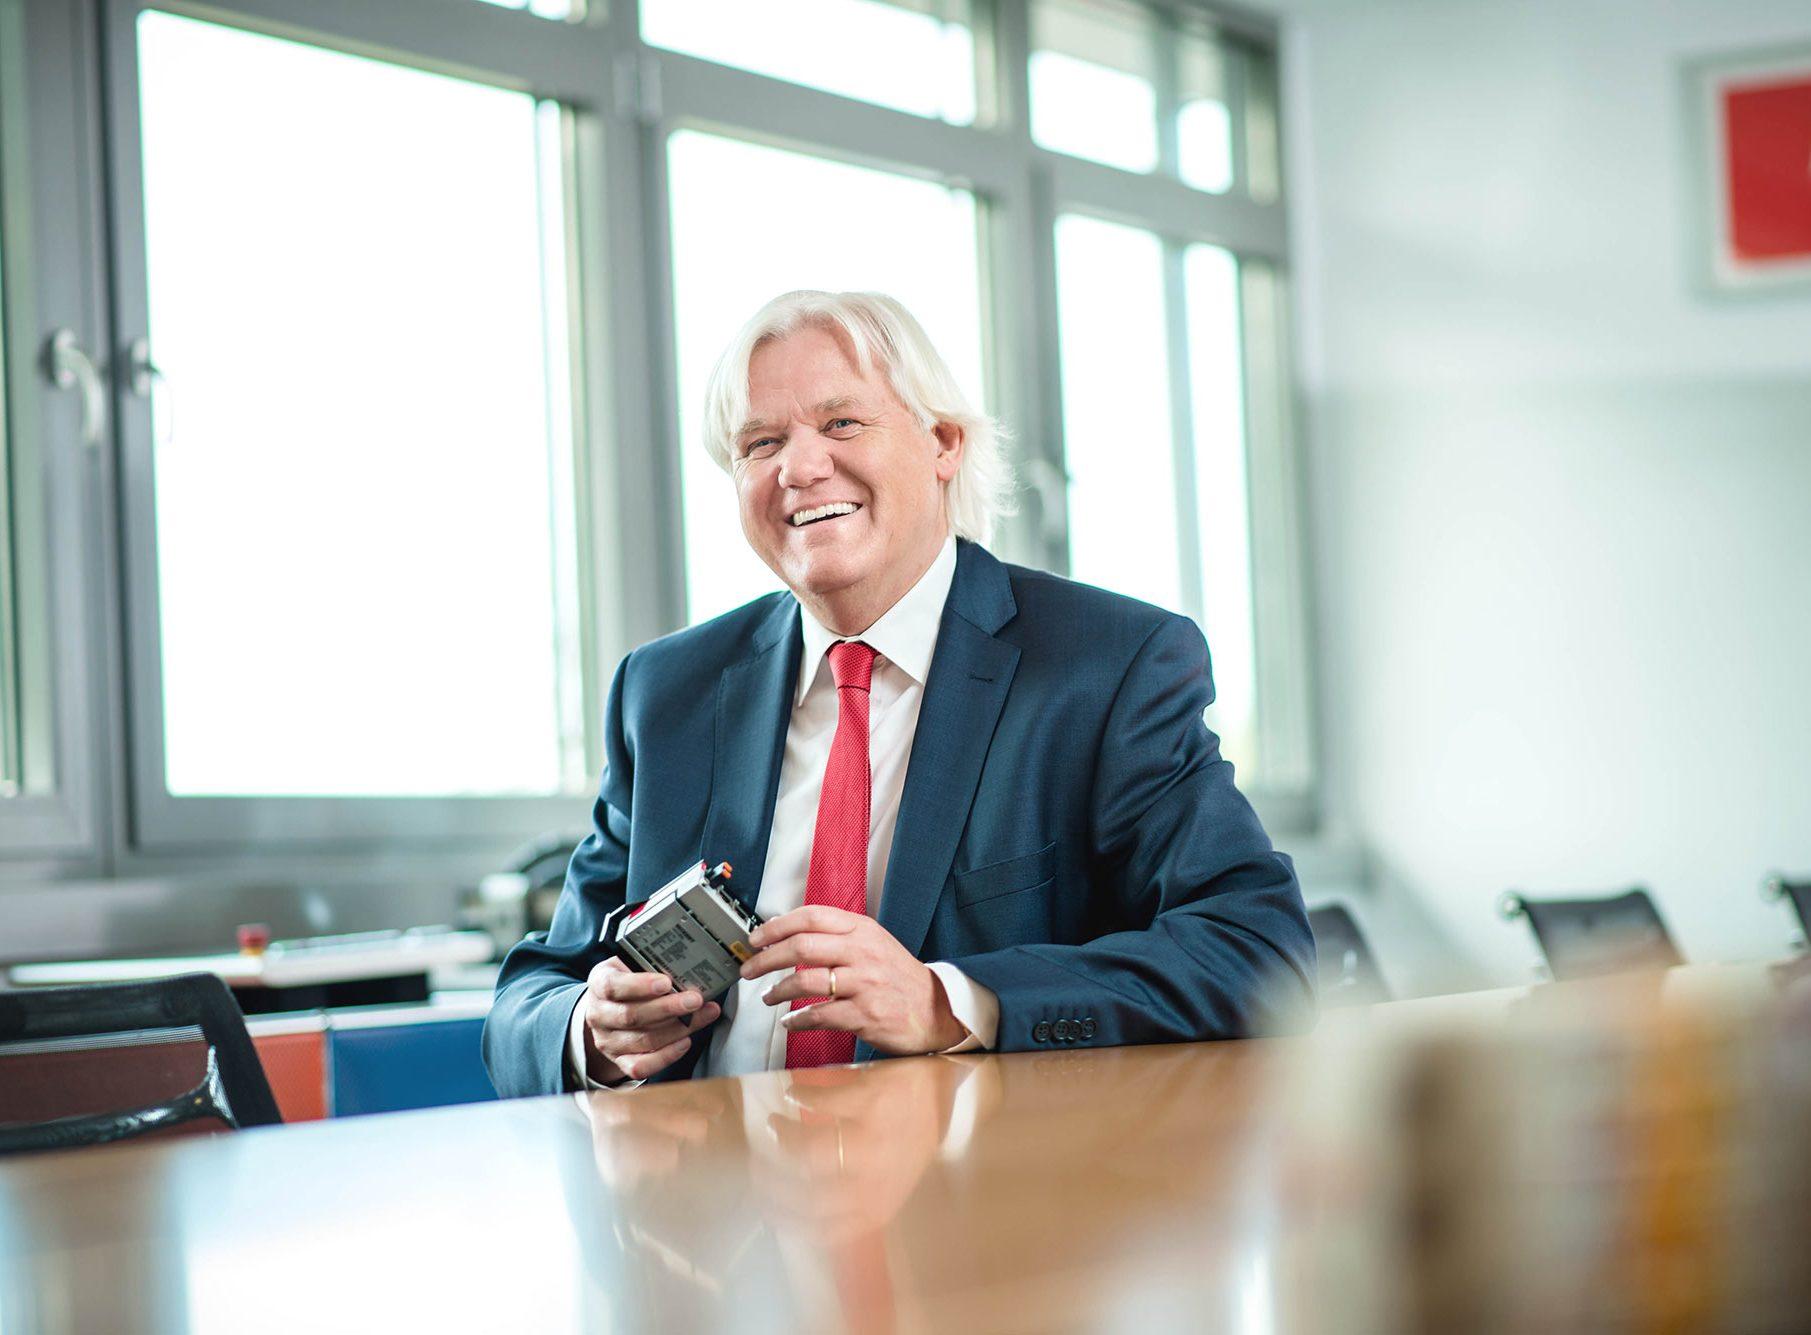 Portrait Hans Beckhoff, Geschäftsführer, CEO, Vorstandsportrait